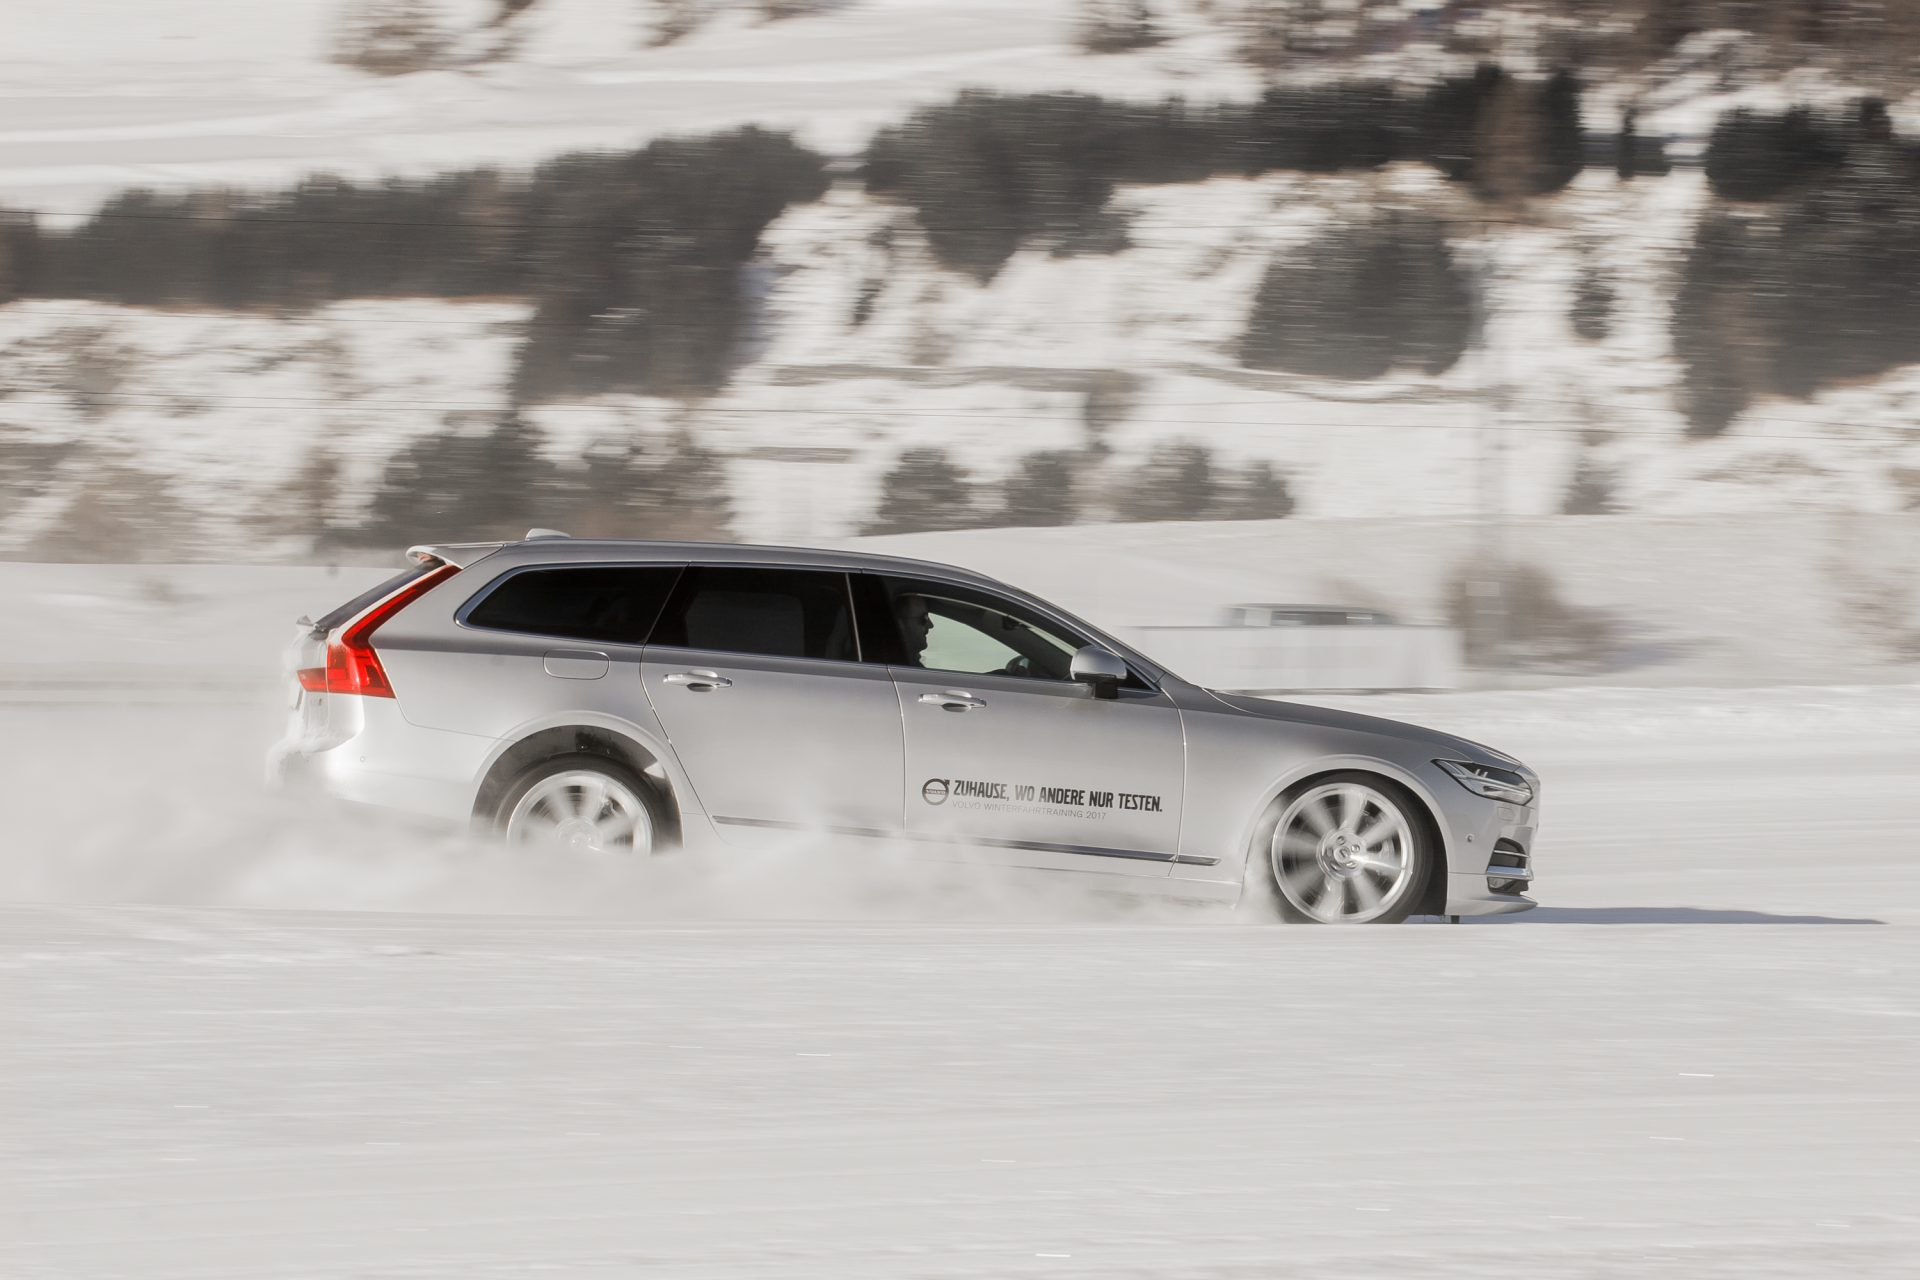 Worauf muss ich beim Autofahren bei Schnee und Eis achten? 2